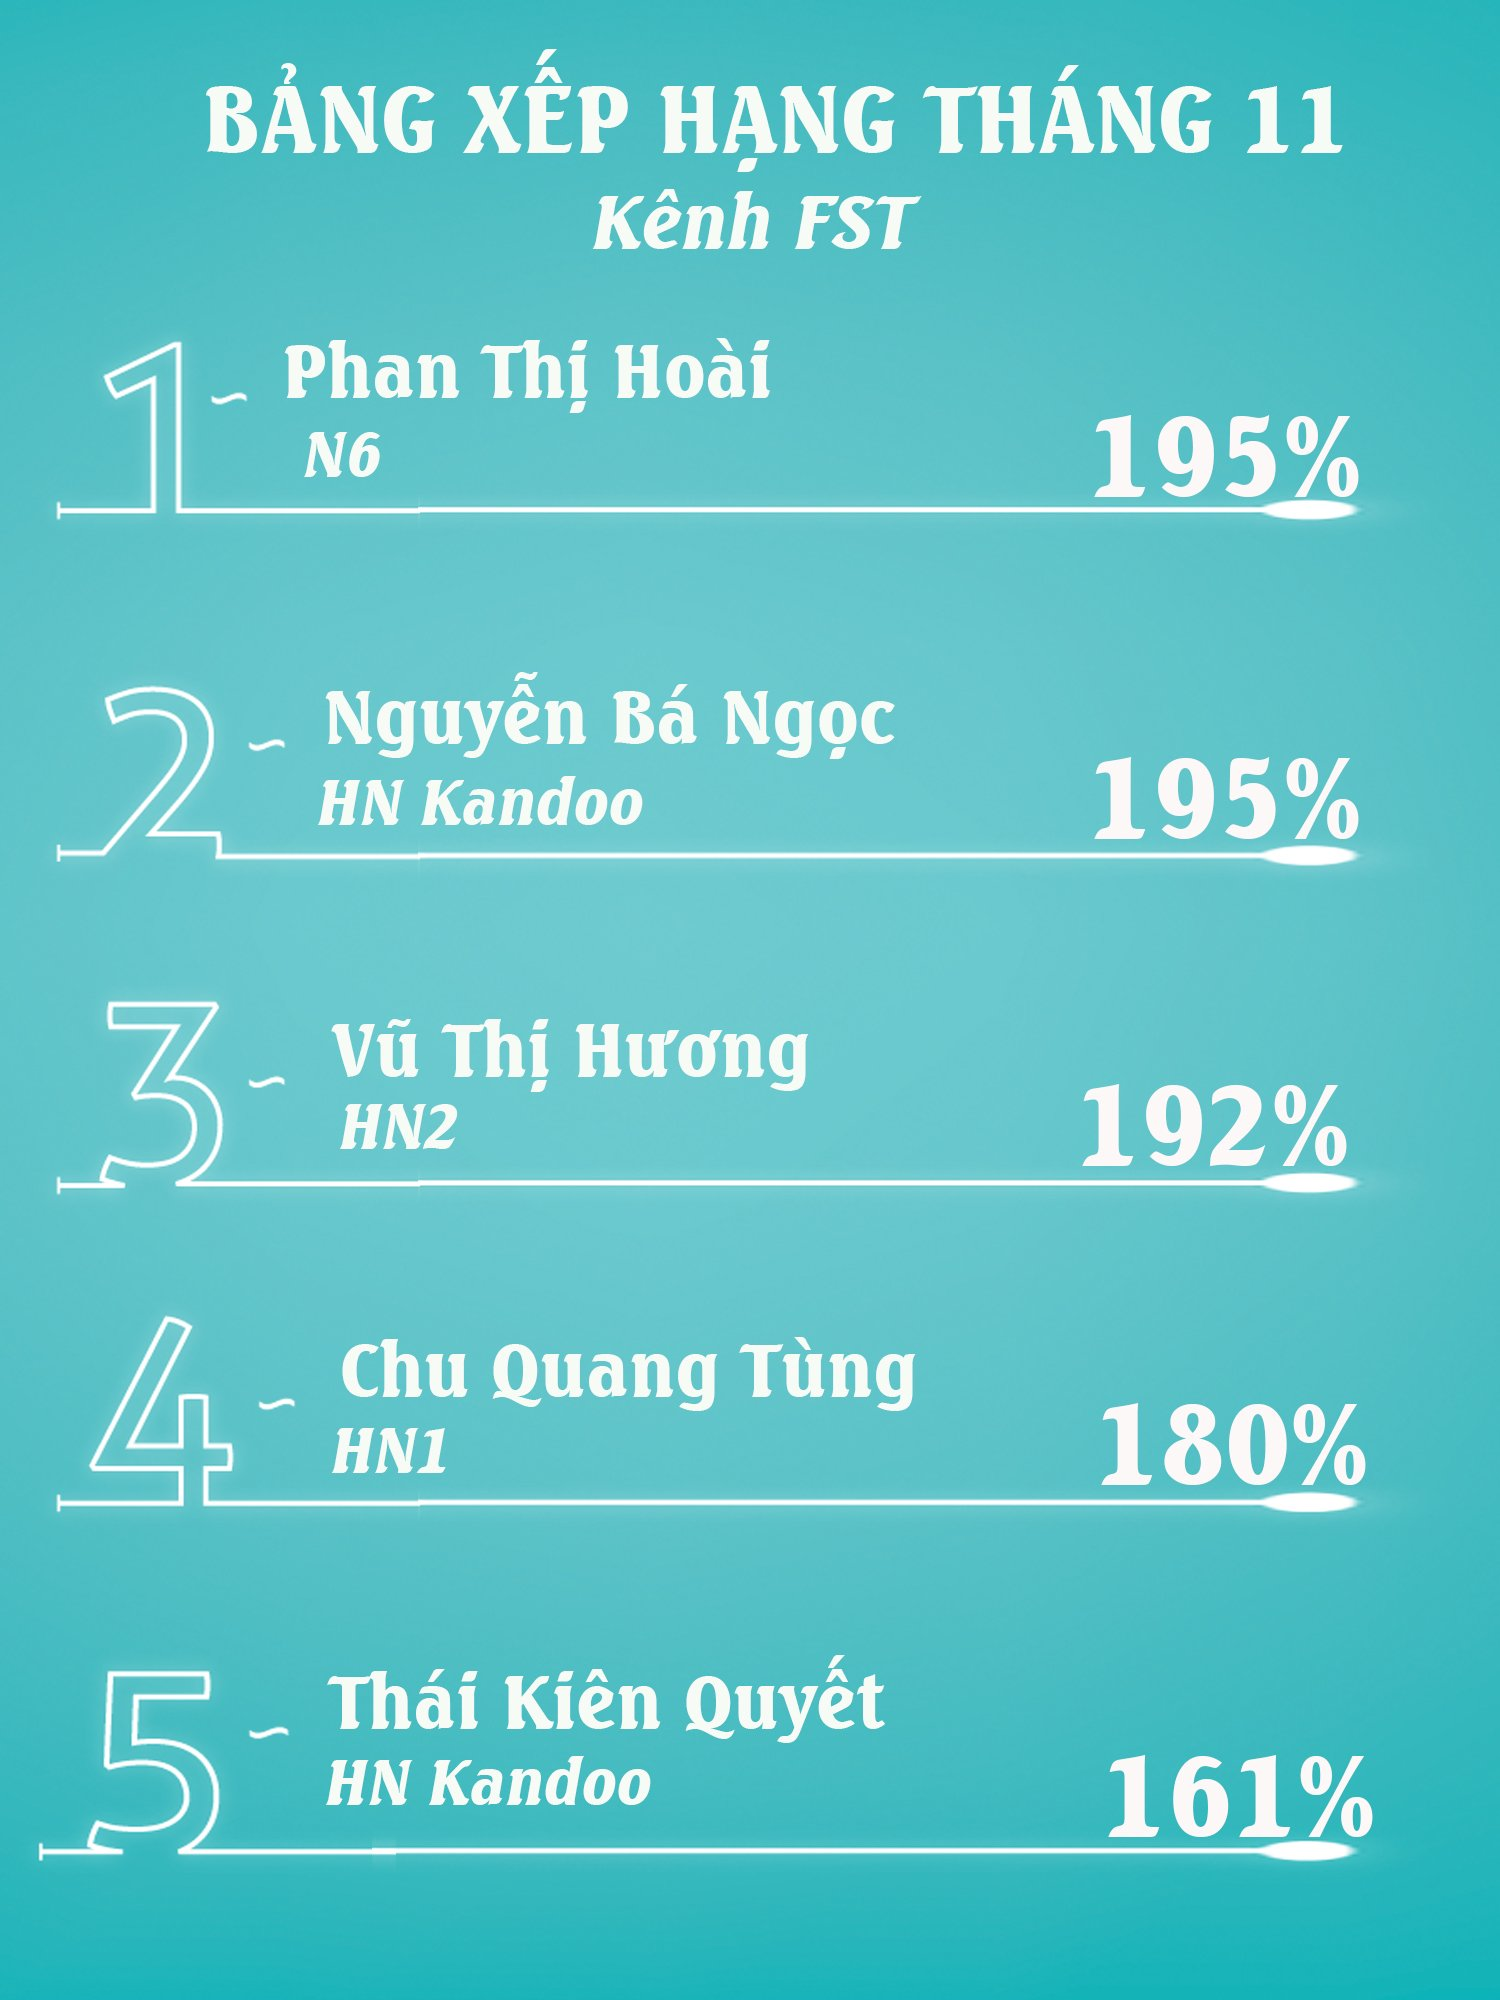 Bảng xếp hạng chiến binh kênh FST